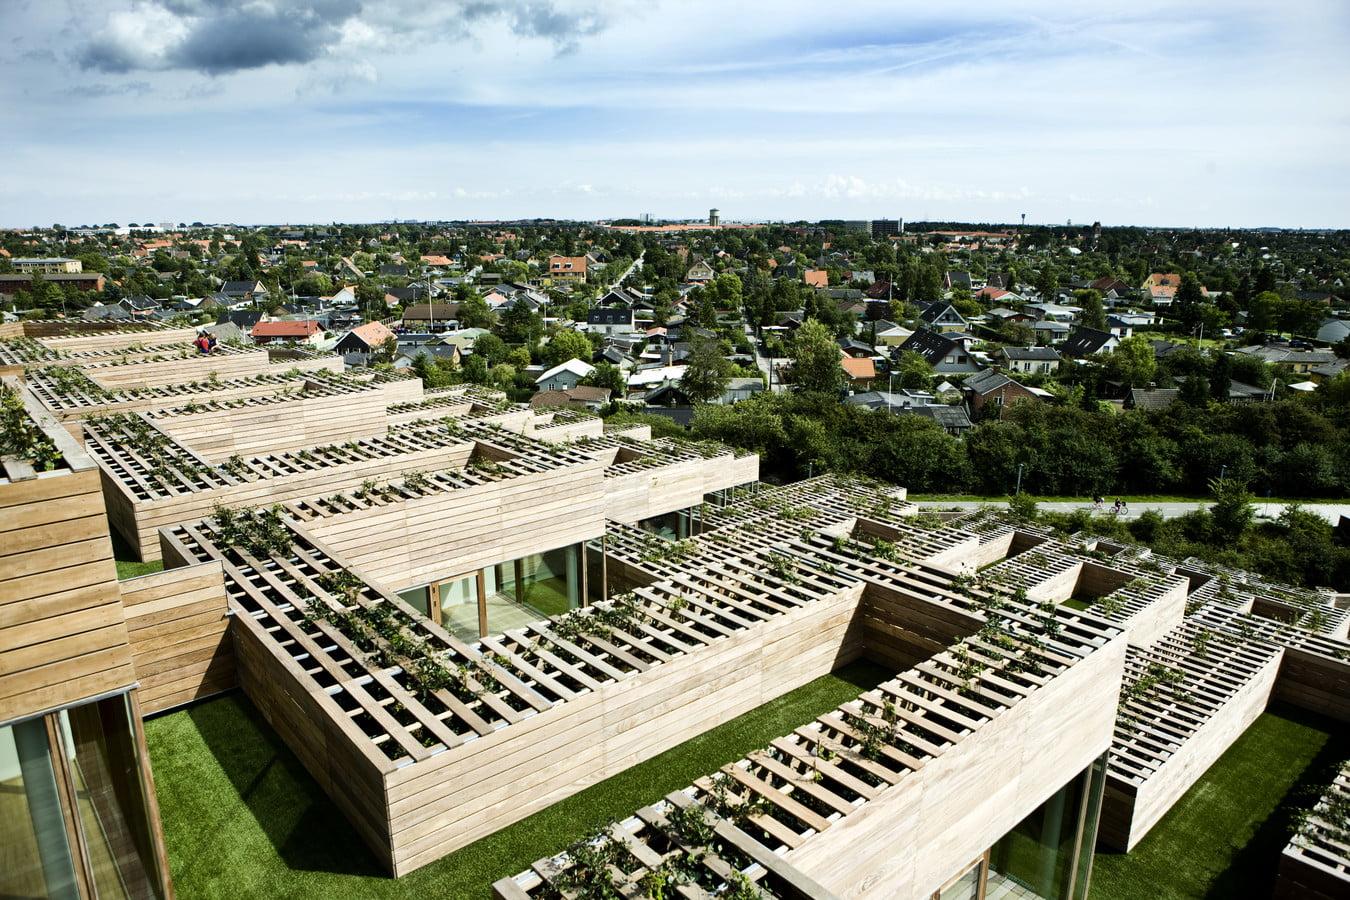 Išorėje atviras terasas vieną nuo kitos skiria mediniai atitvarai. BIG Bjarke Ingels Group nuotr.